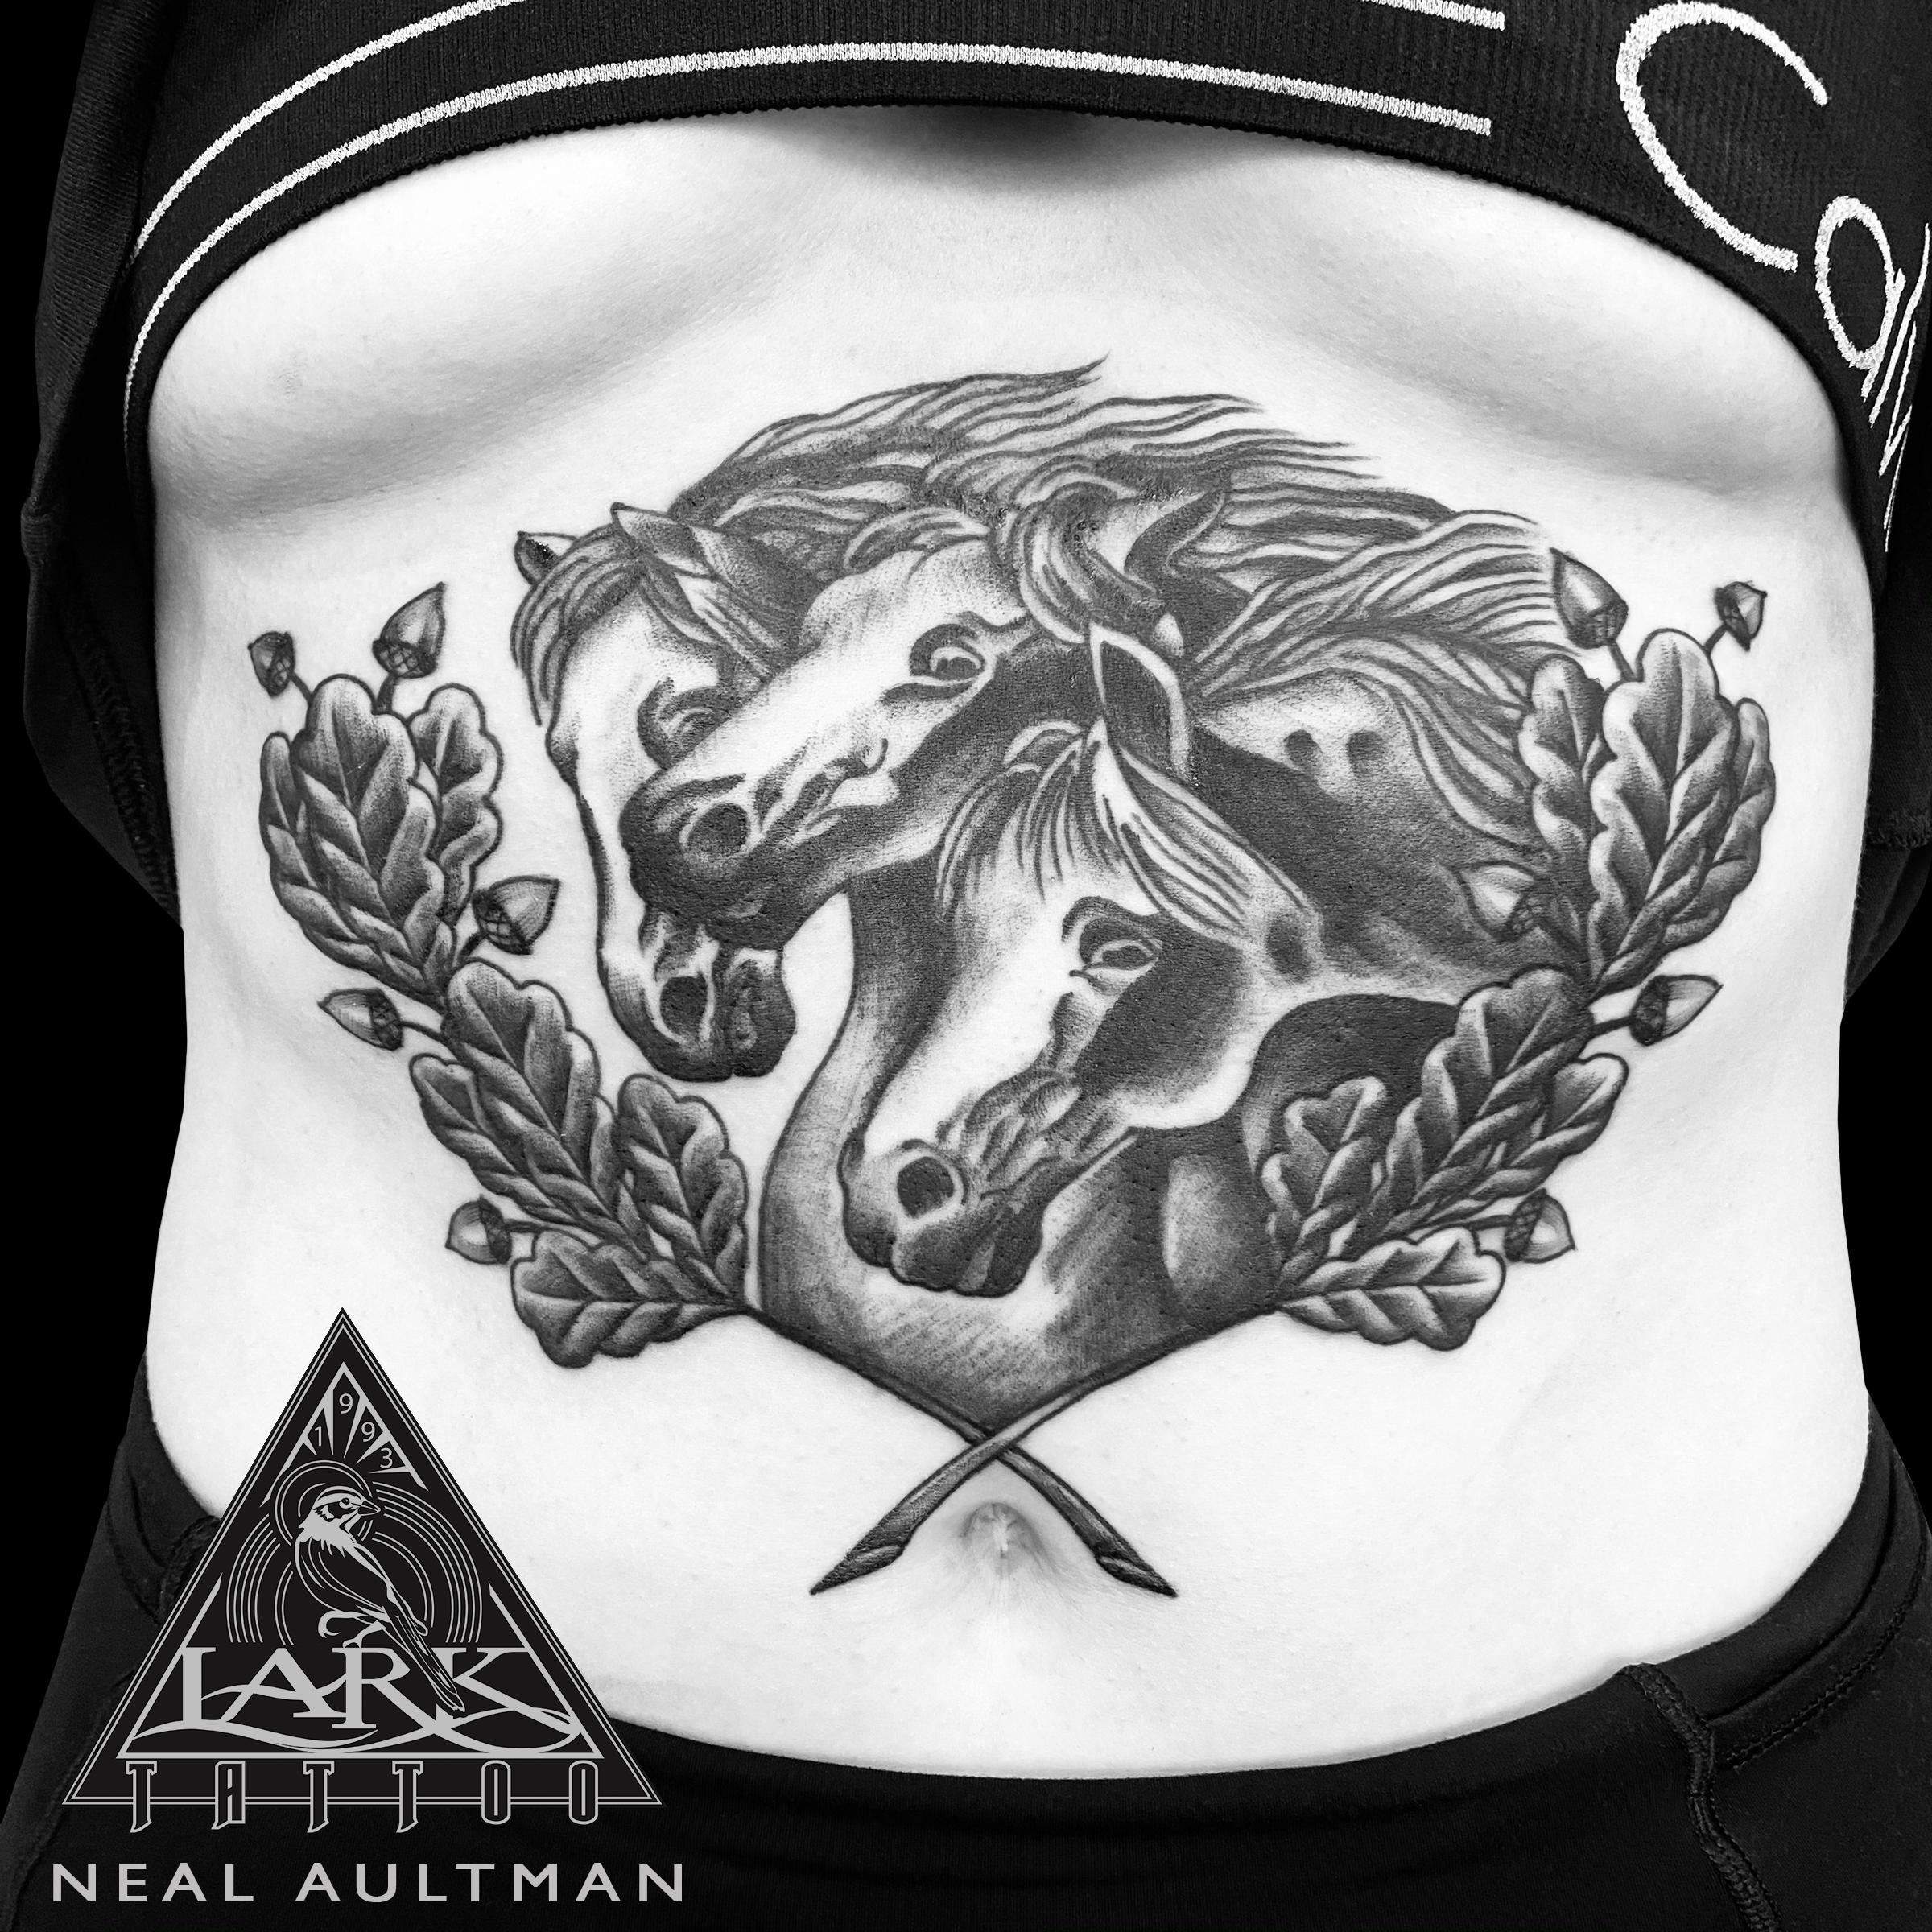 . #LarkTattoo #NealAultman #NealAultmanLarkTattoo #Tattoo #Tattoos #Horse #HorseTattoo #Horses #HorsesTattoo #WildHorses #WildHorsesTattoo #AnimalTattoo #BNG #BNGTattoo #BlackAndGray #BlackAndGrayTattoo #BlackAndGrey #BlackAndGreyTattoo #BNGInkSociety #StomachTattoo #TattooArtist #Tattoist #Tattooer #LongIslandTattooArtist #LongIslandTattooer #LongIslandTattoo #TattooOfTheDay #Tat #Tats #Tatts #Tatted #Inked #Ink #TattooInk #AmazingInk #AmazingTattoo #BodyArt #LarkTattooWestbury #Westbury #LongIsland #NY #NewYork #USA #Art #Tattedup #InkedUp #LarkTattoos